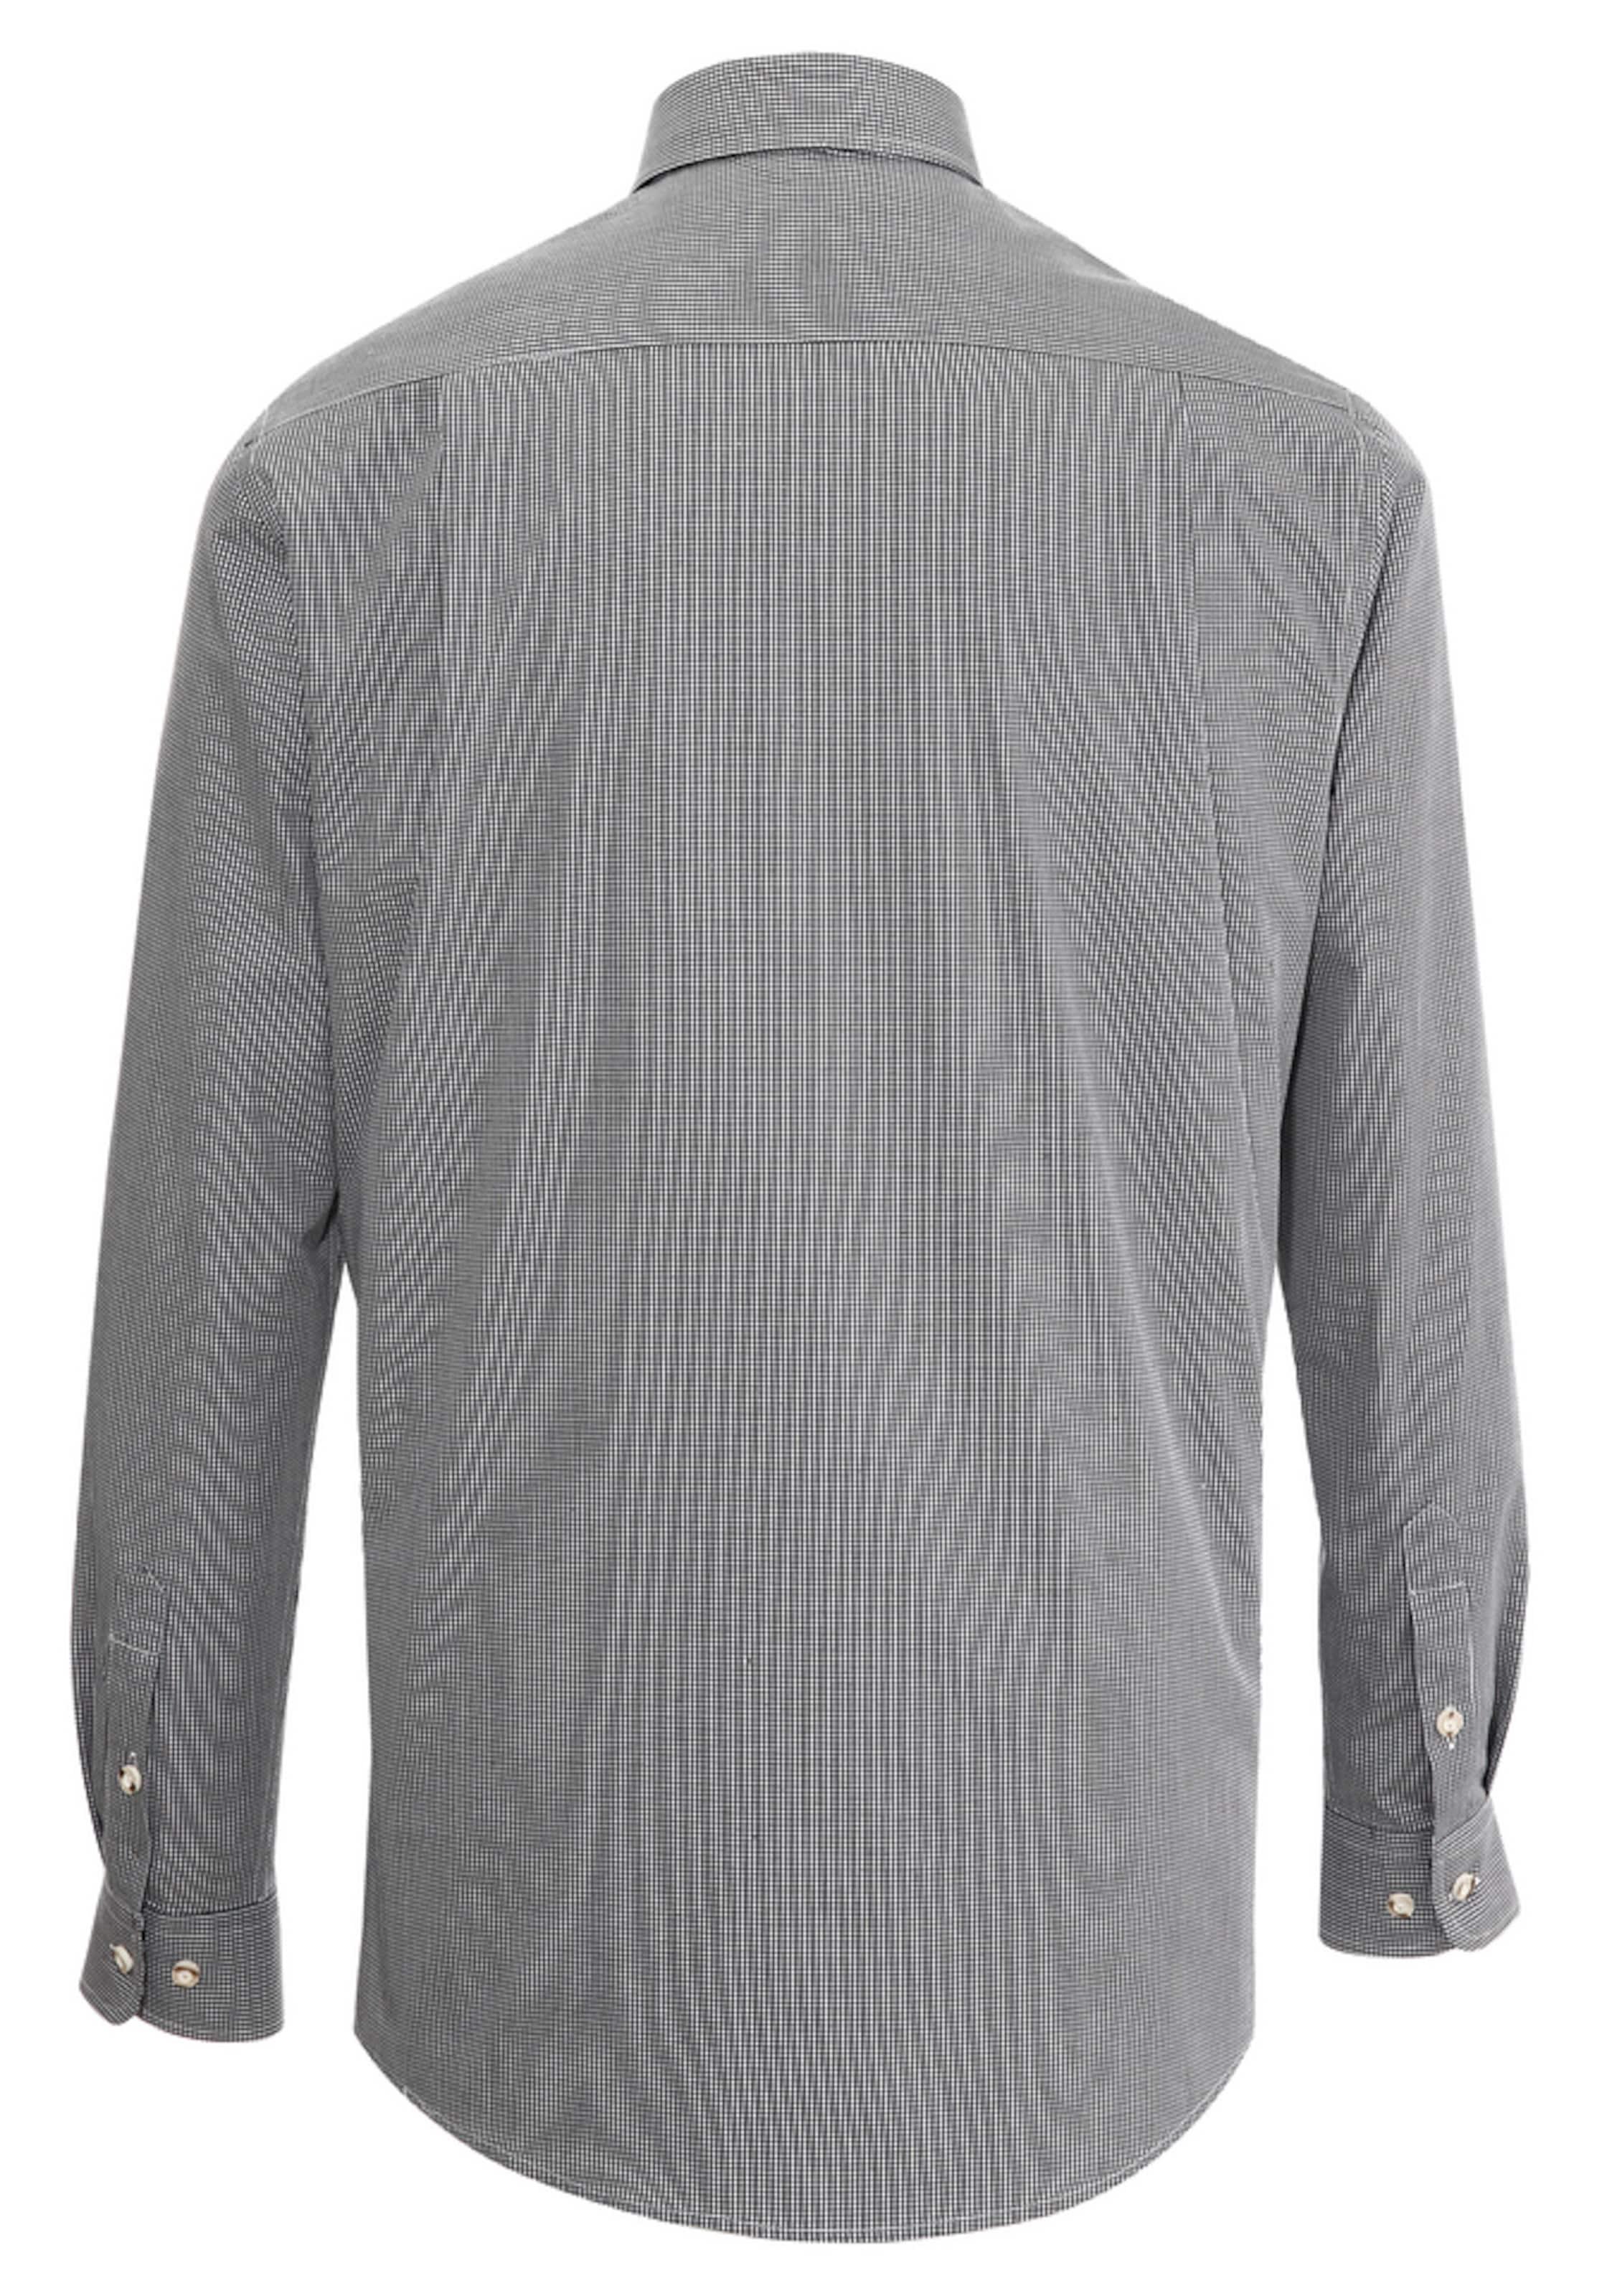 In Almsach Almsach Trachtenhemd Schwarz Almsach Trachtenhemd In Schwarz W2EDH9eIY